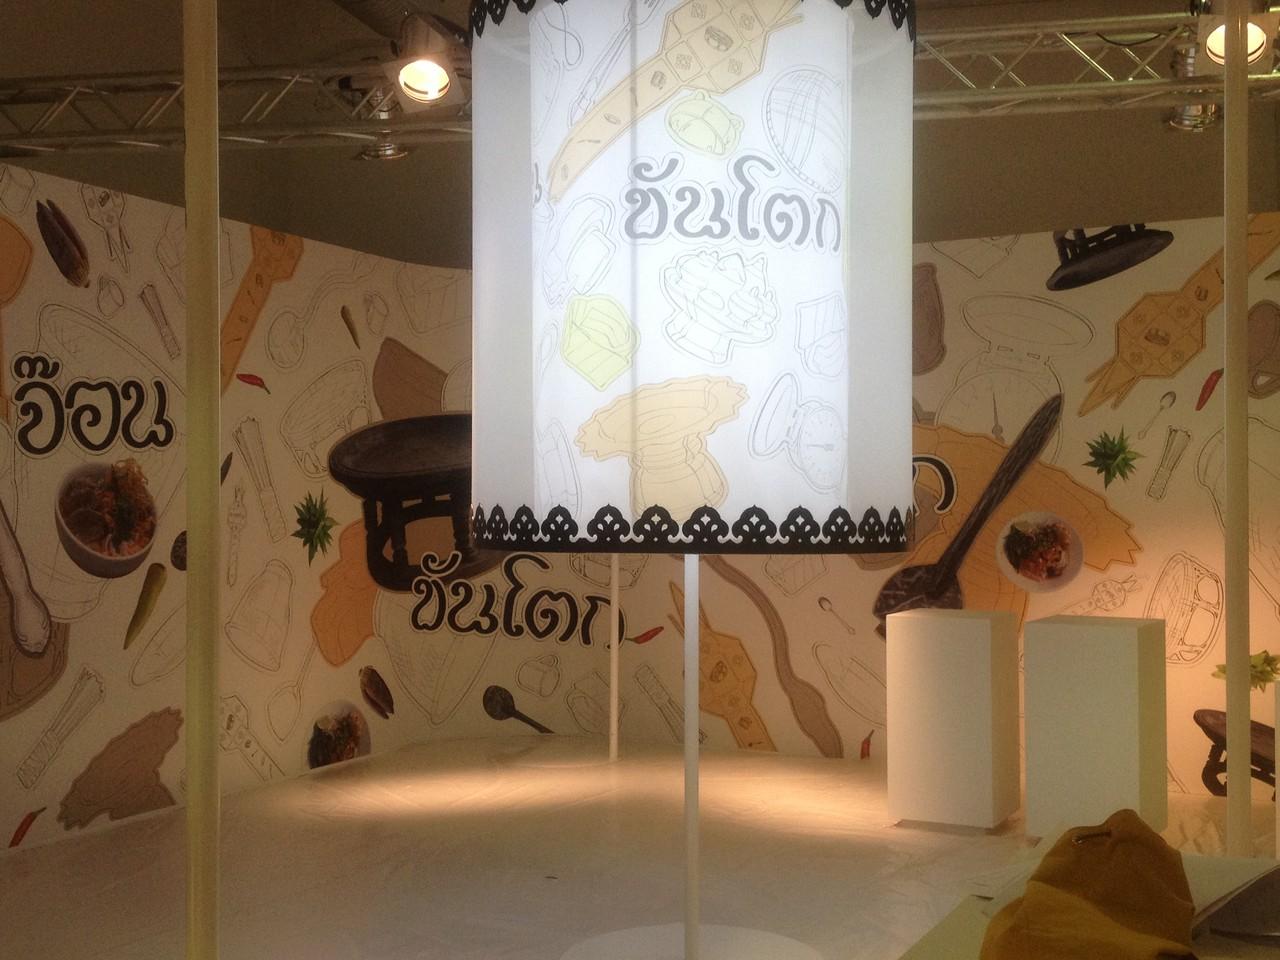 Salone del mobile di Milano padiglione della Thailandia